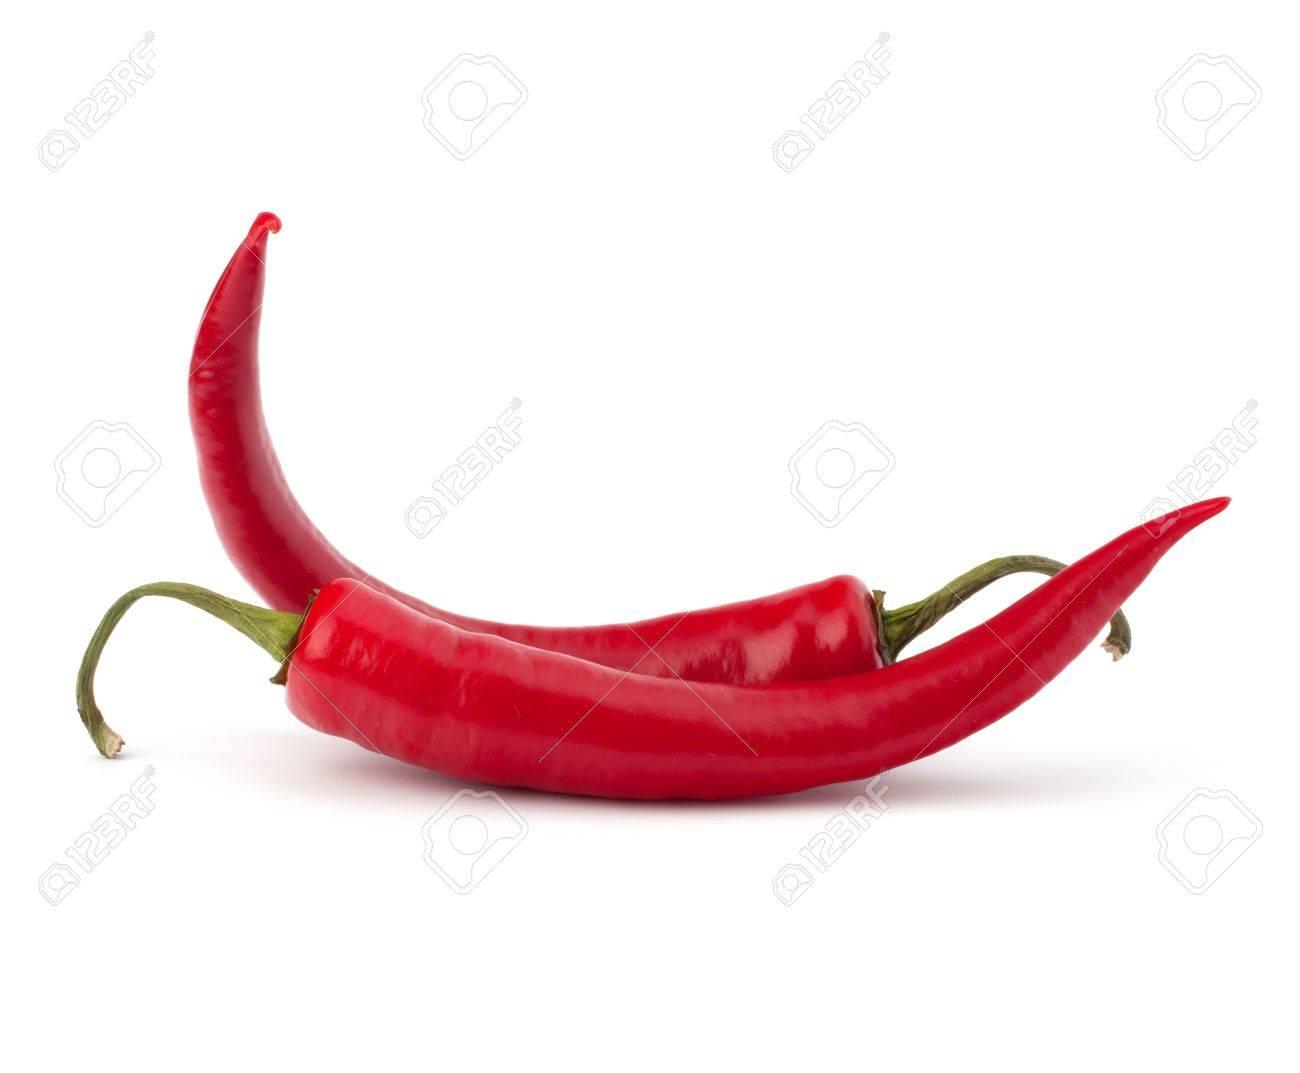 Chili Bilder chili pfeffer isoliert auf weißem hintergrund lizenzfreie fotos